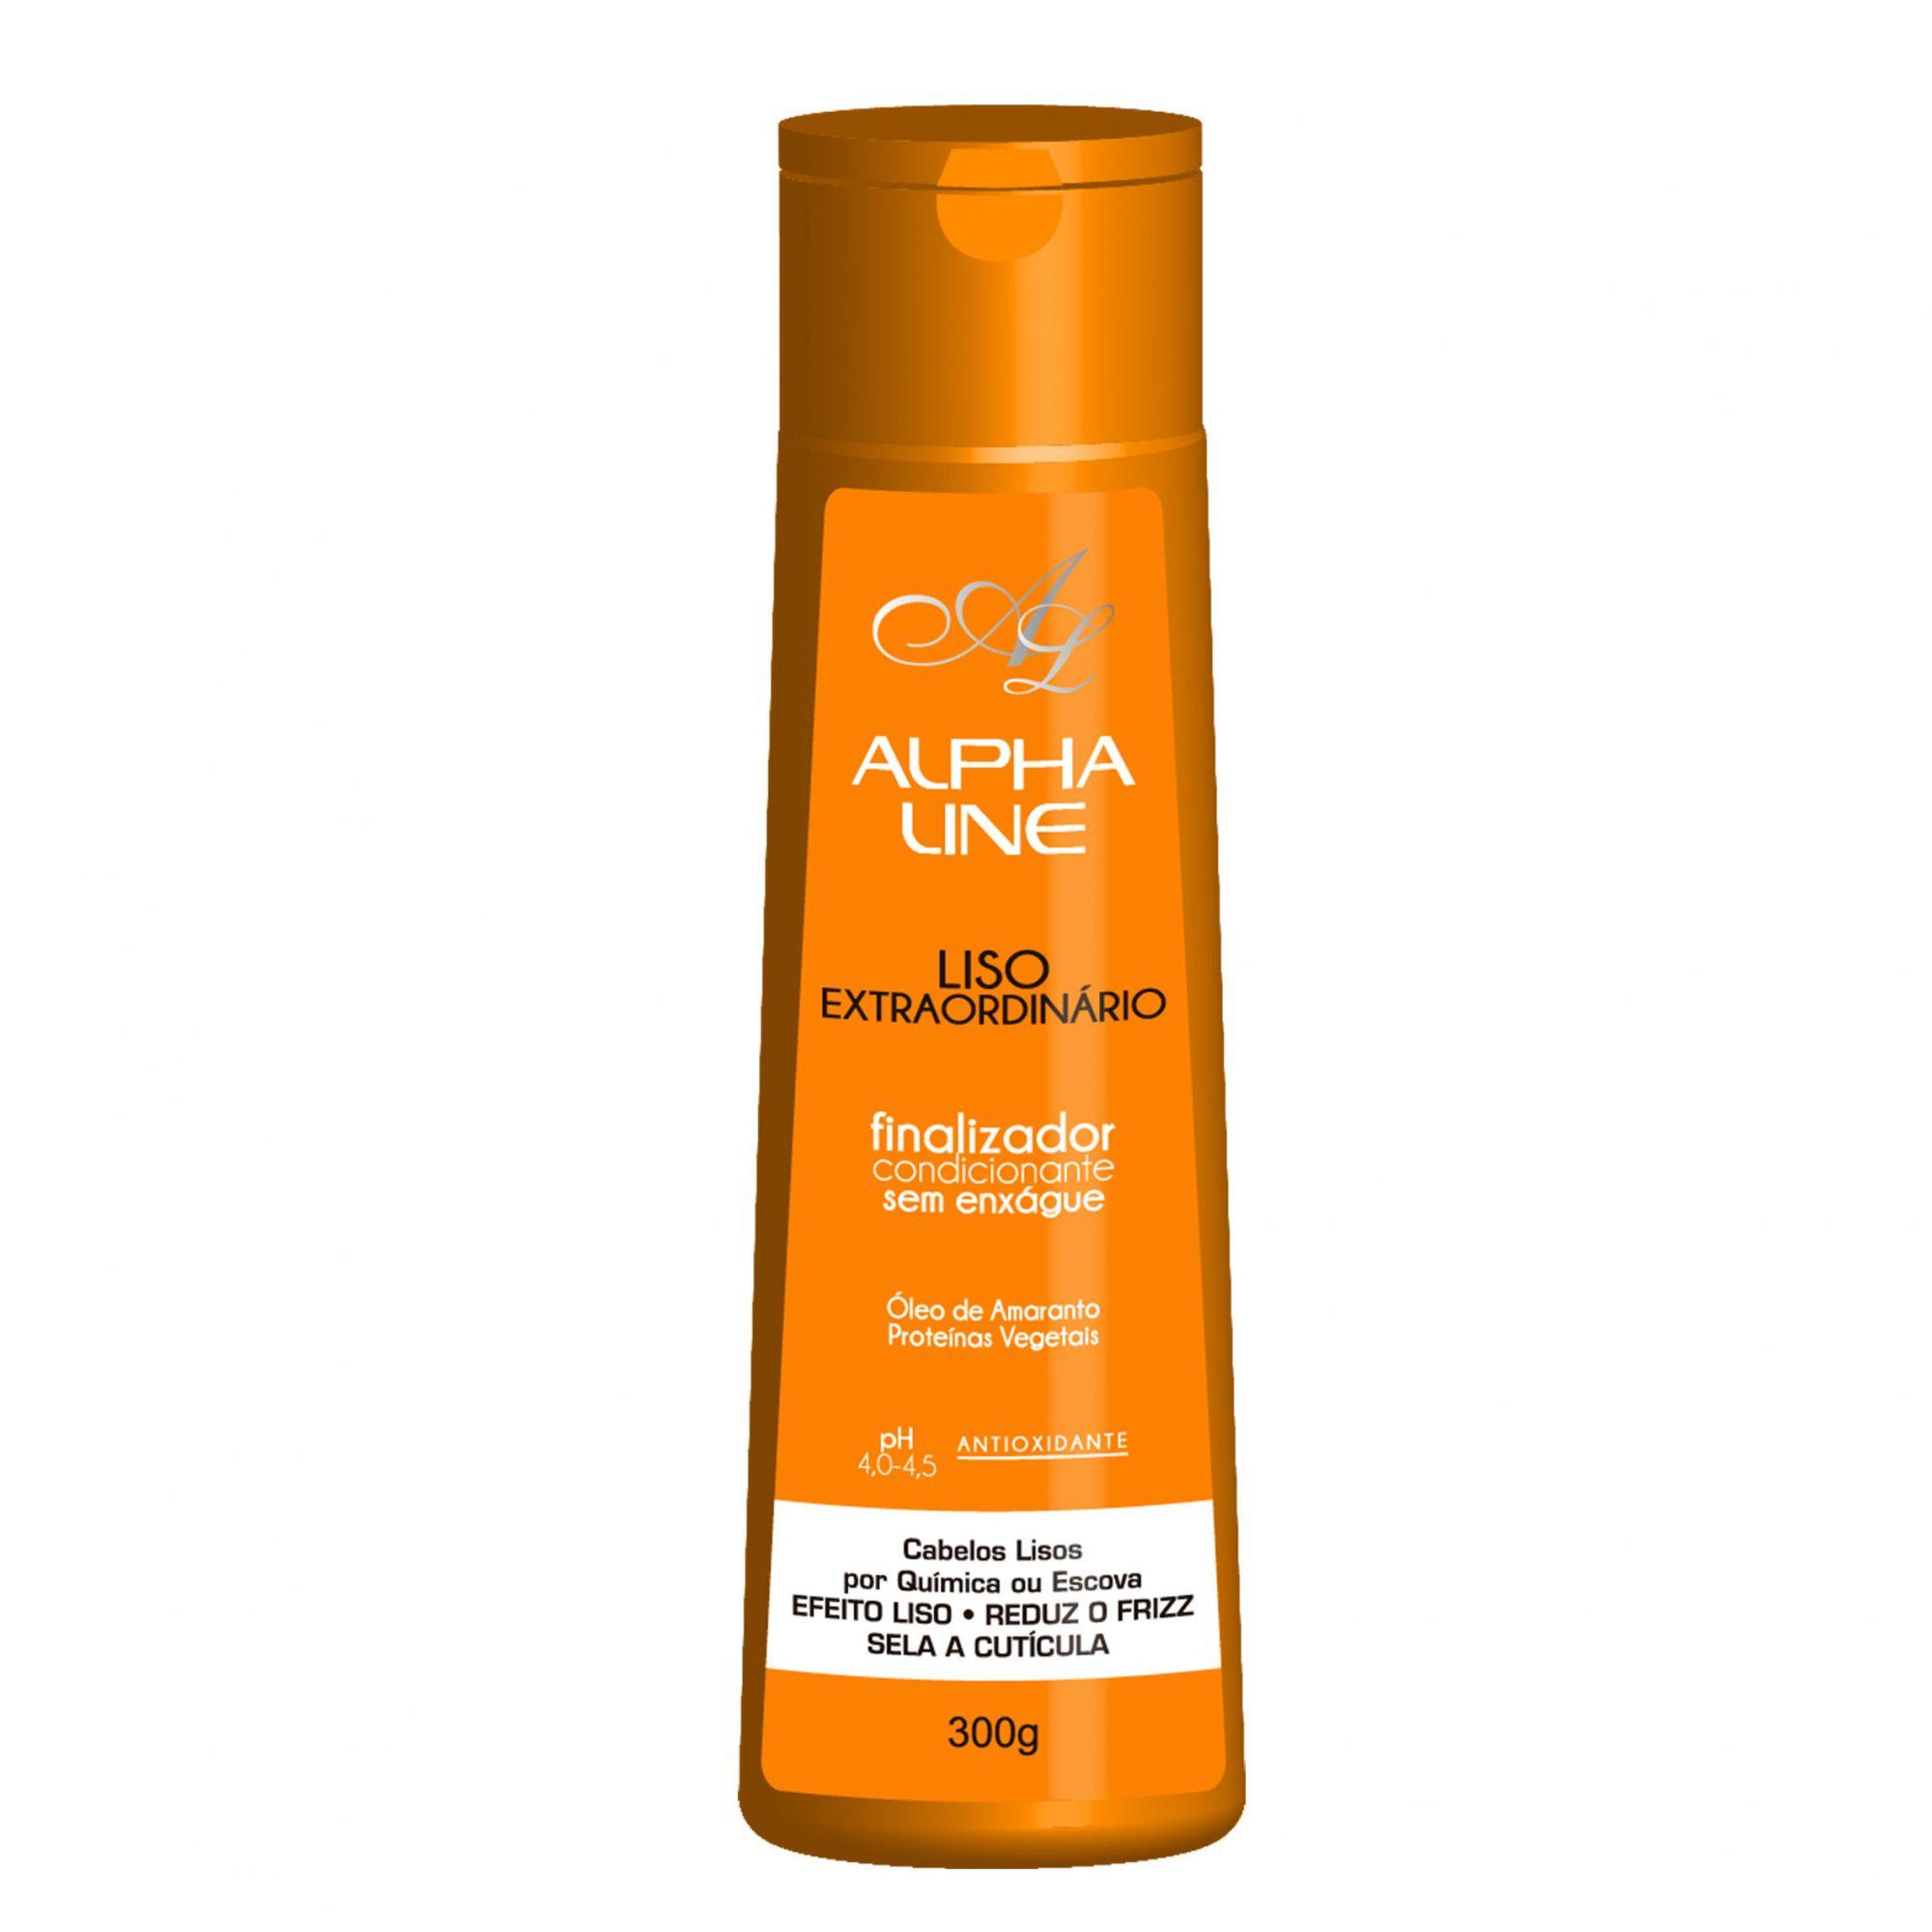 Alpha Line Liso Extraordinário Finalizador 300g.